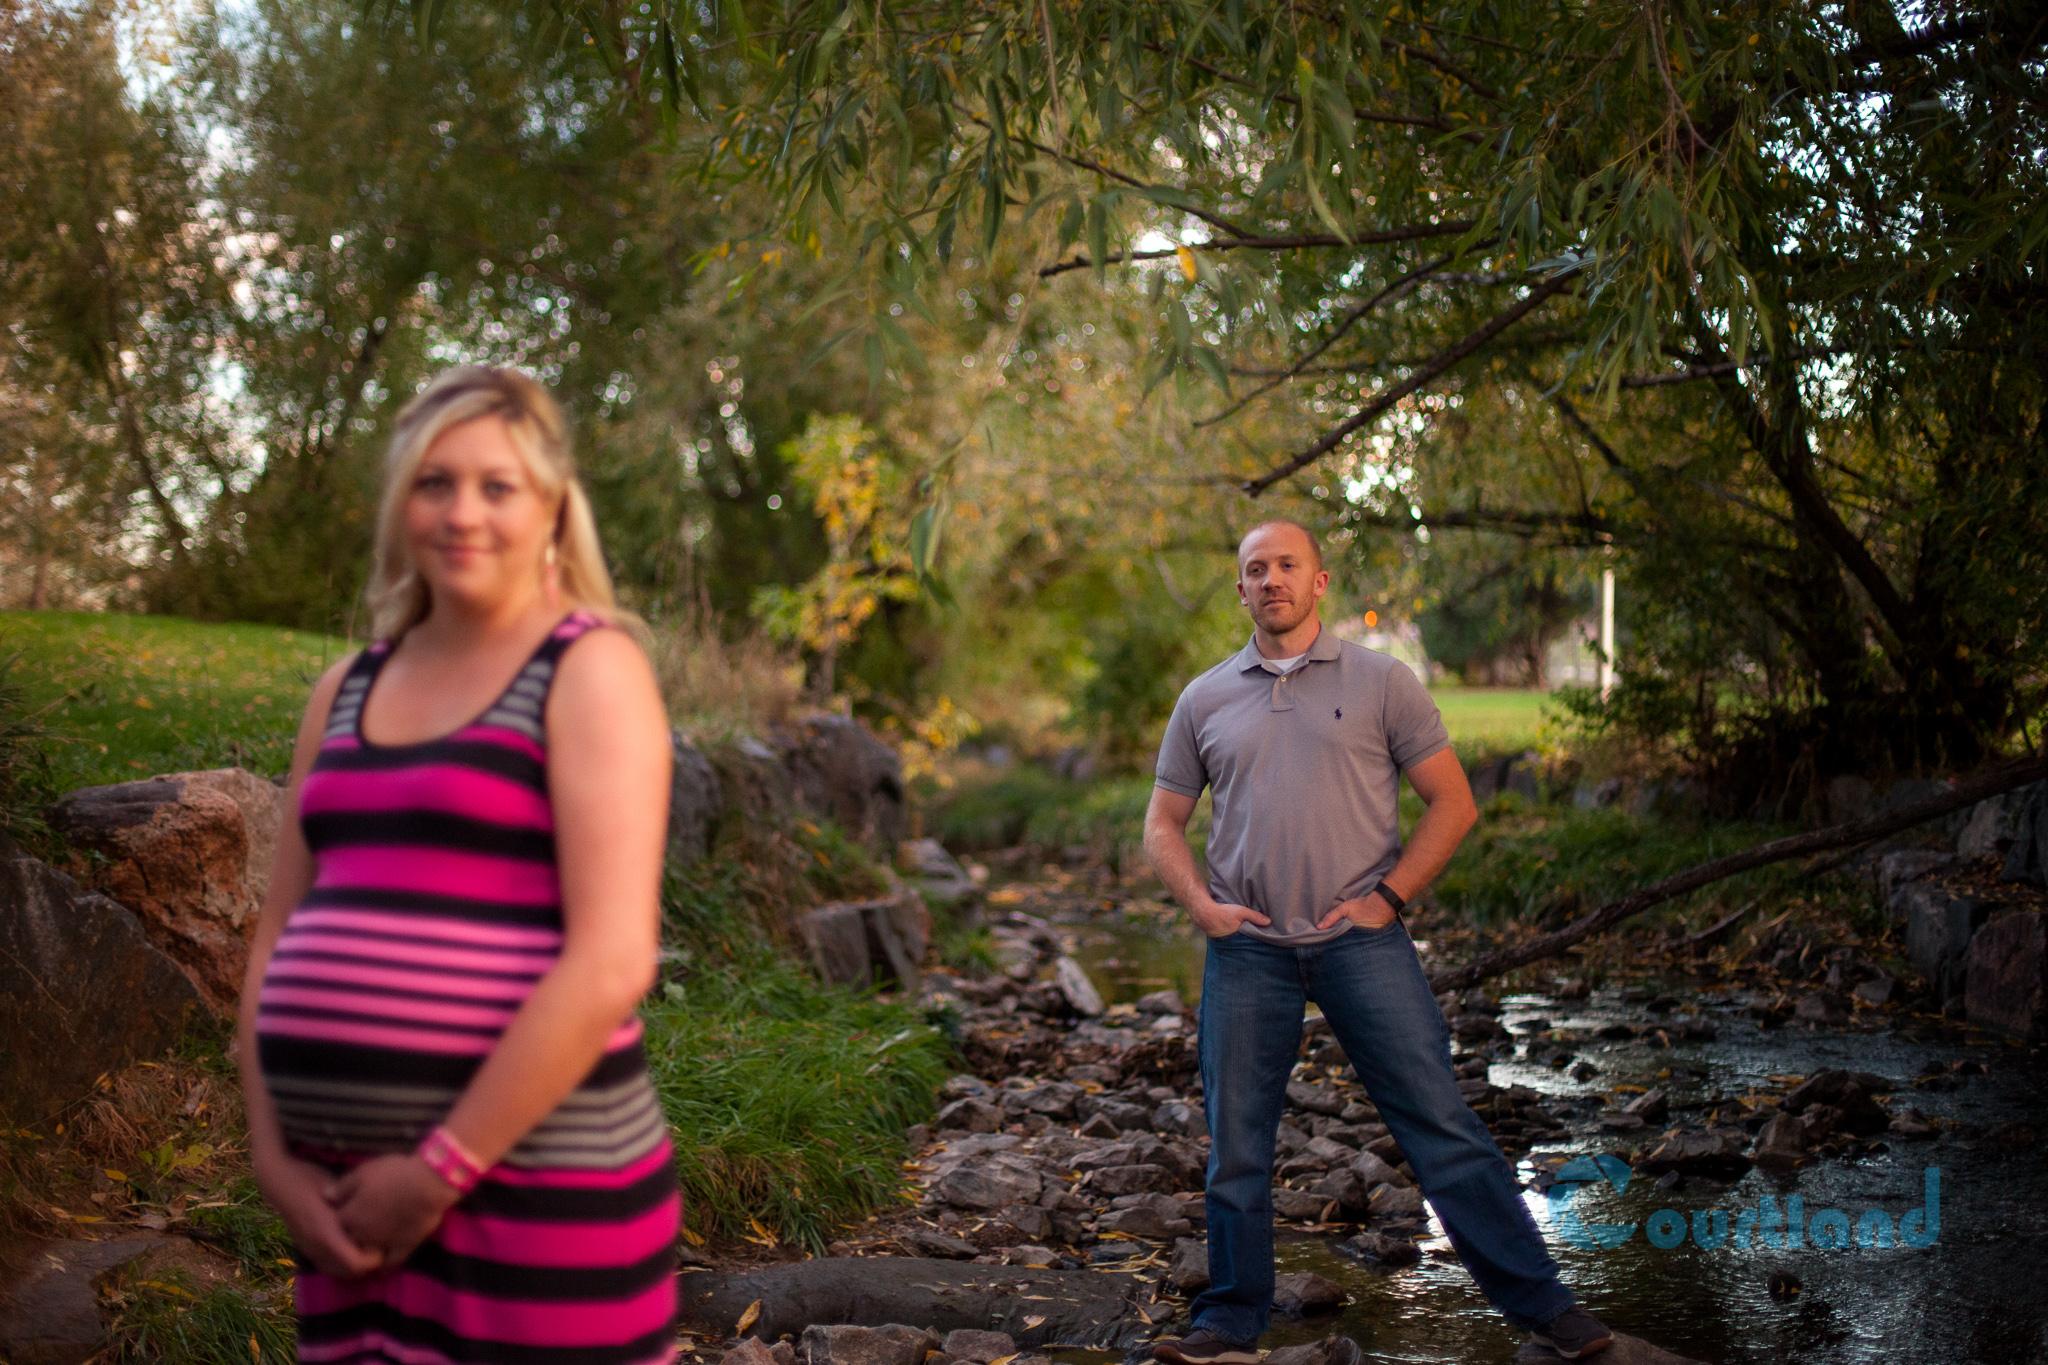 Jordan Maternity-PERSONAL LOGO-151011-011.jpg